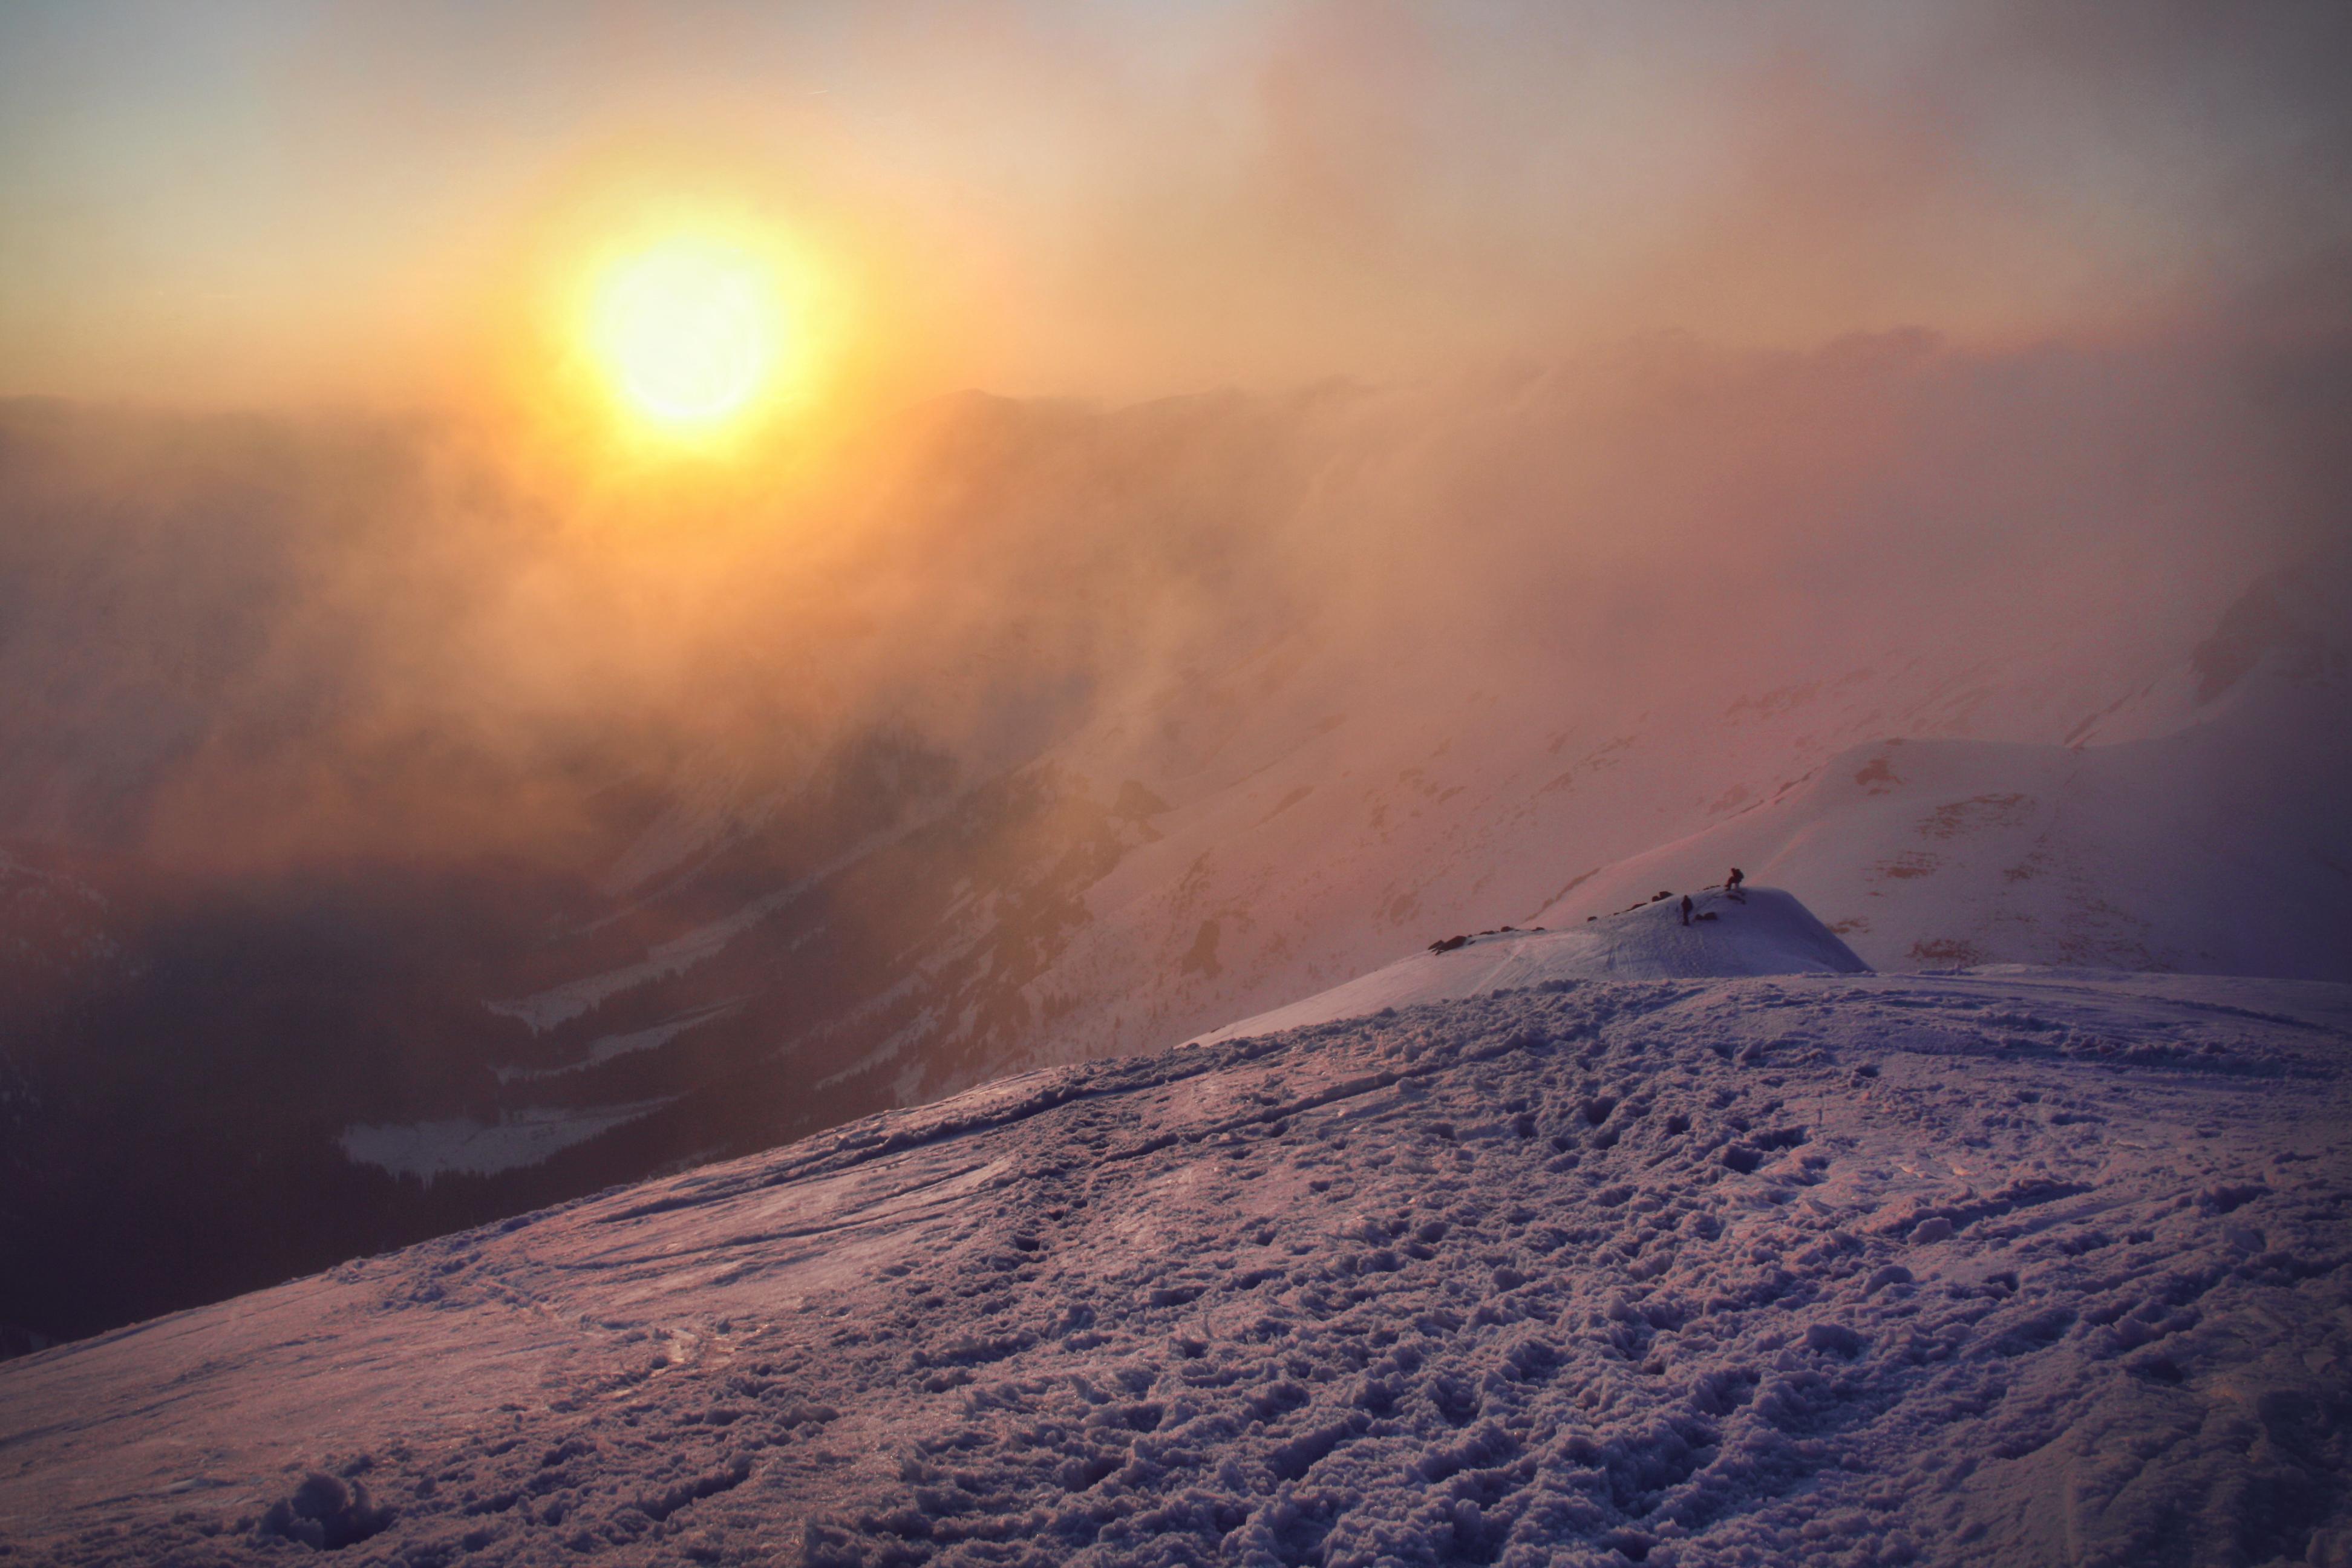 фотографии внизу фото солнце в снежных горах встретил